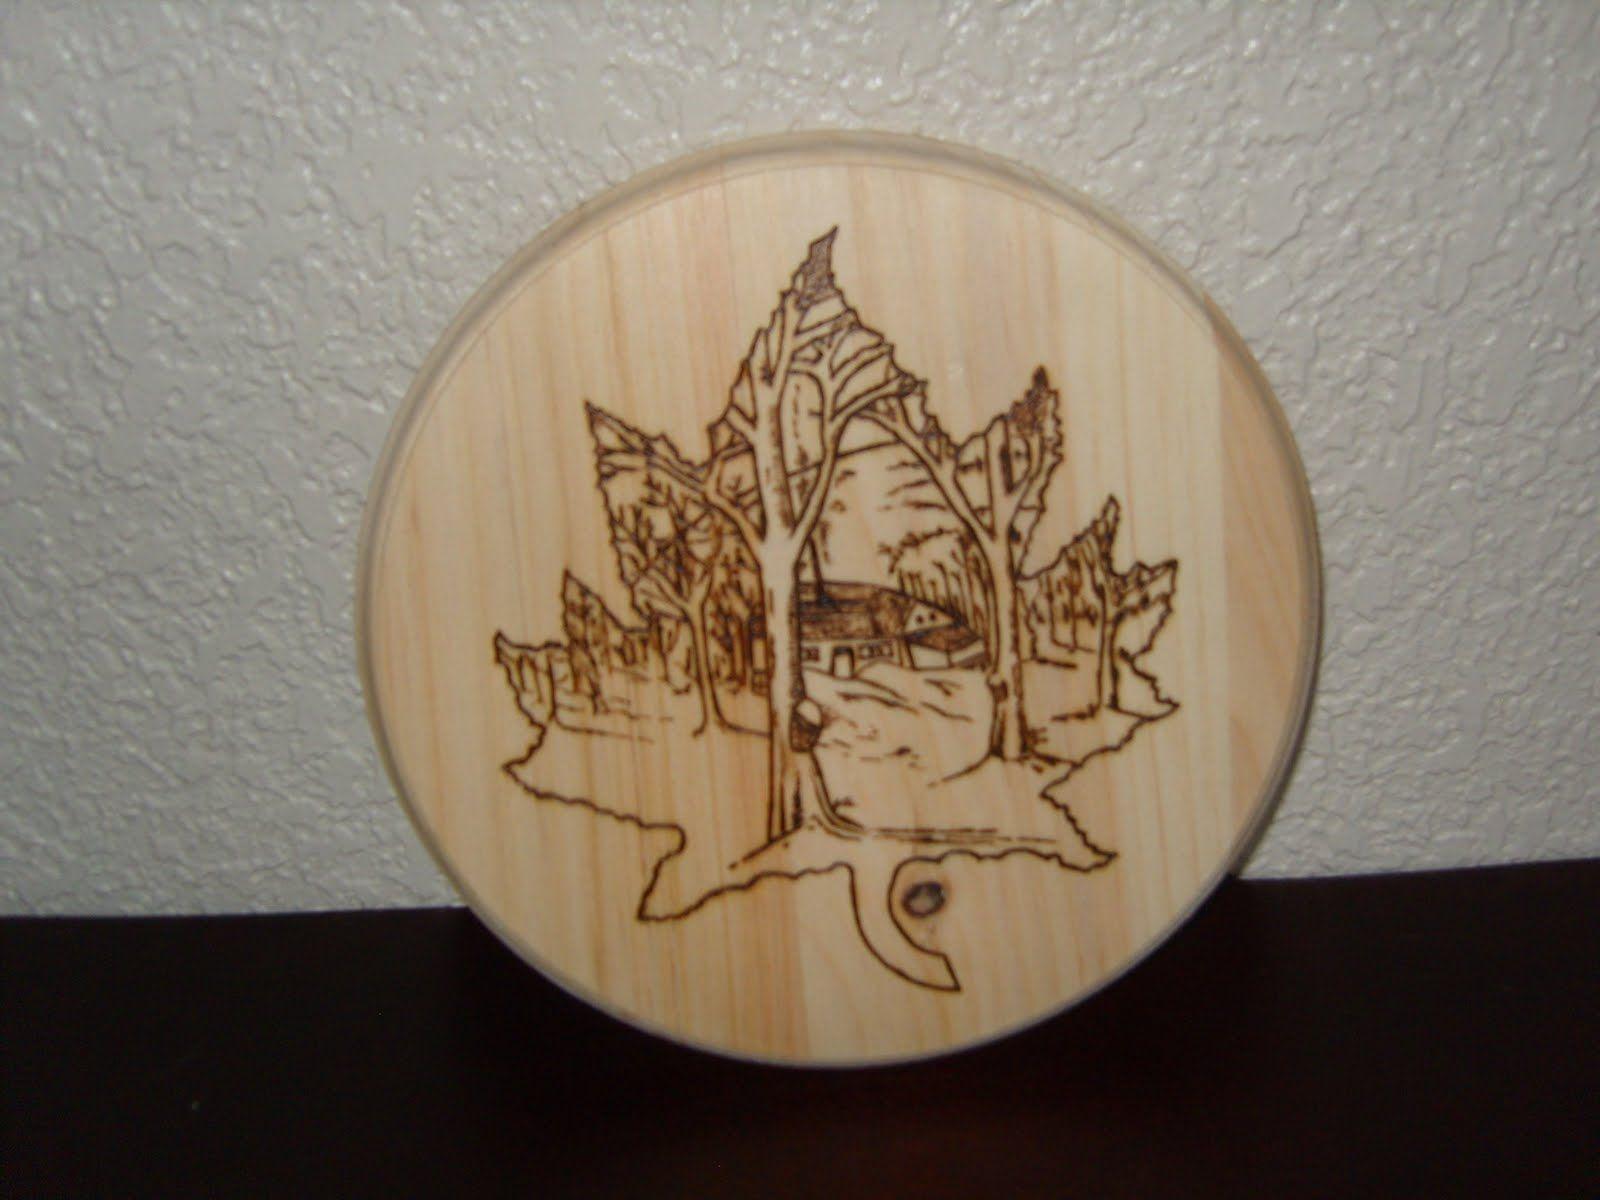 Free Wood Burning Patterns Download to